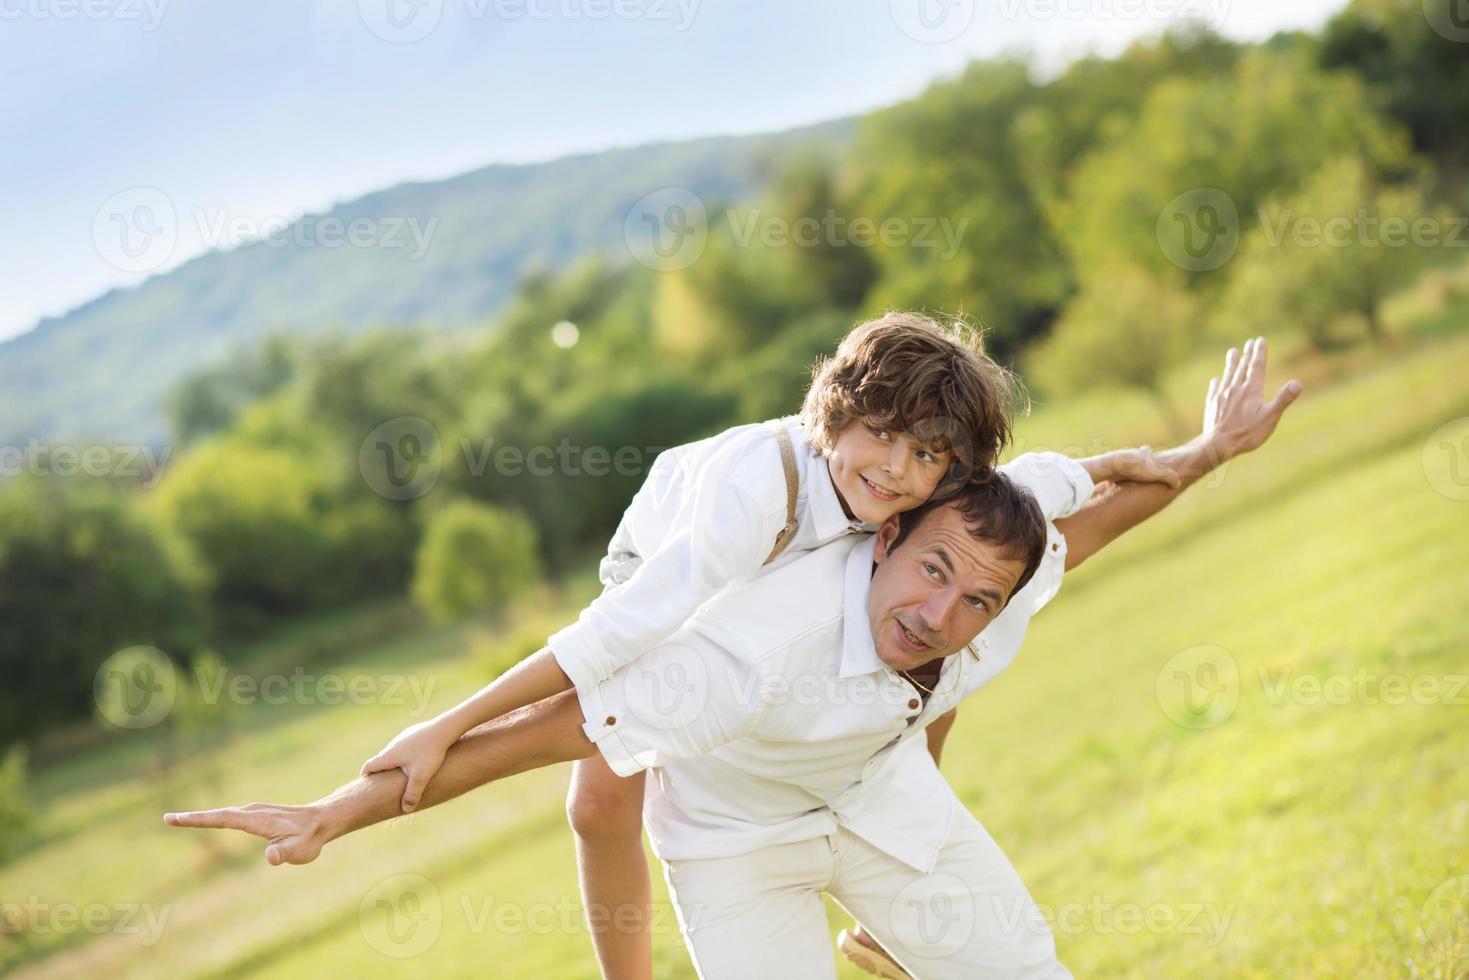 père et fils jouant photo